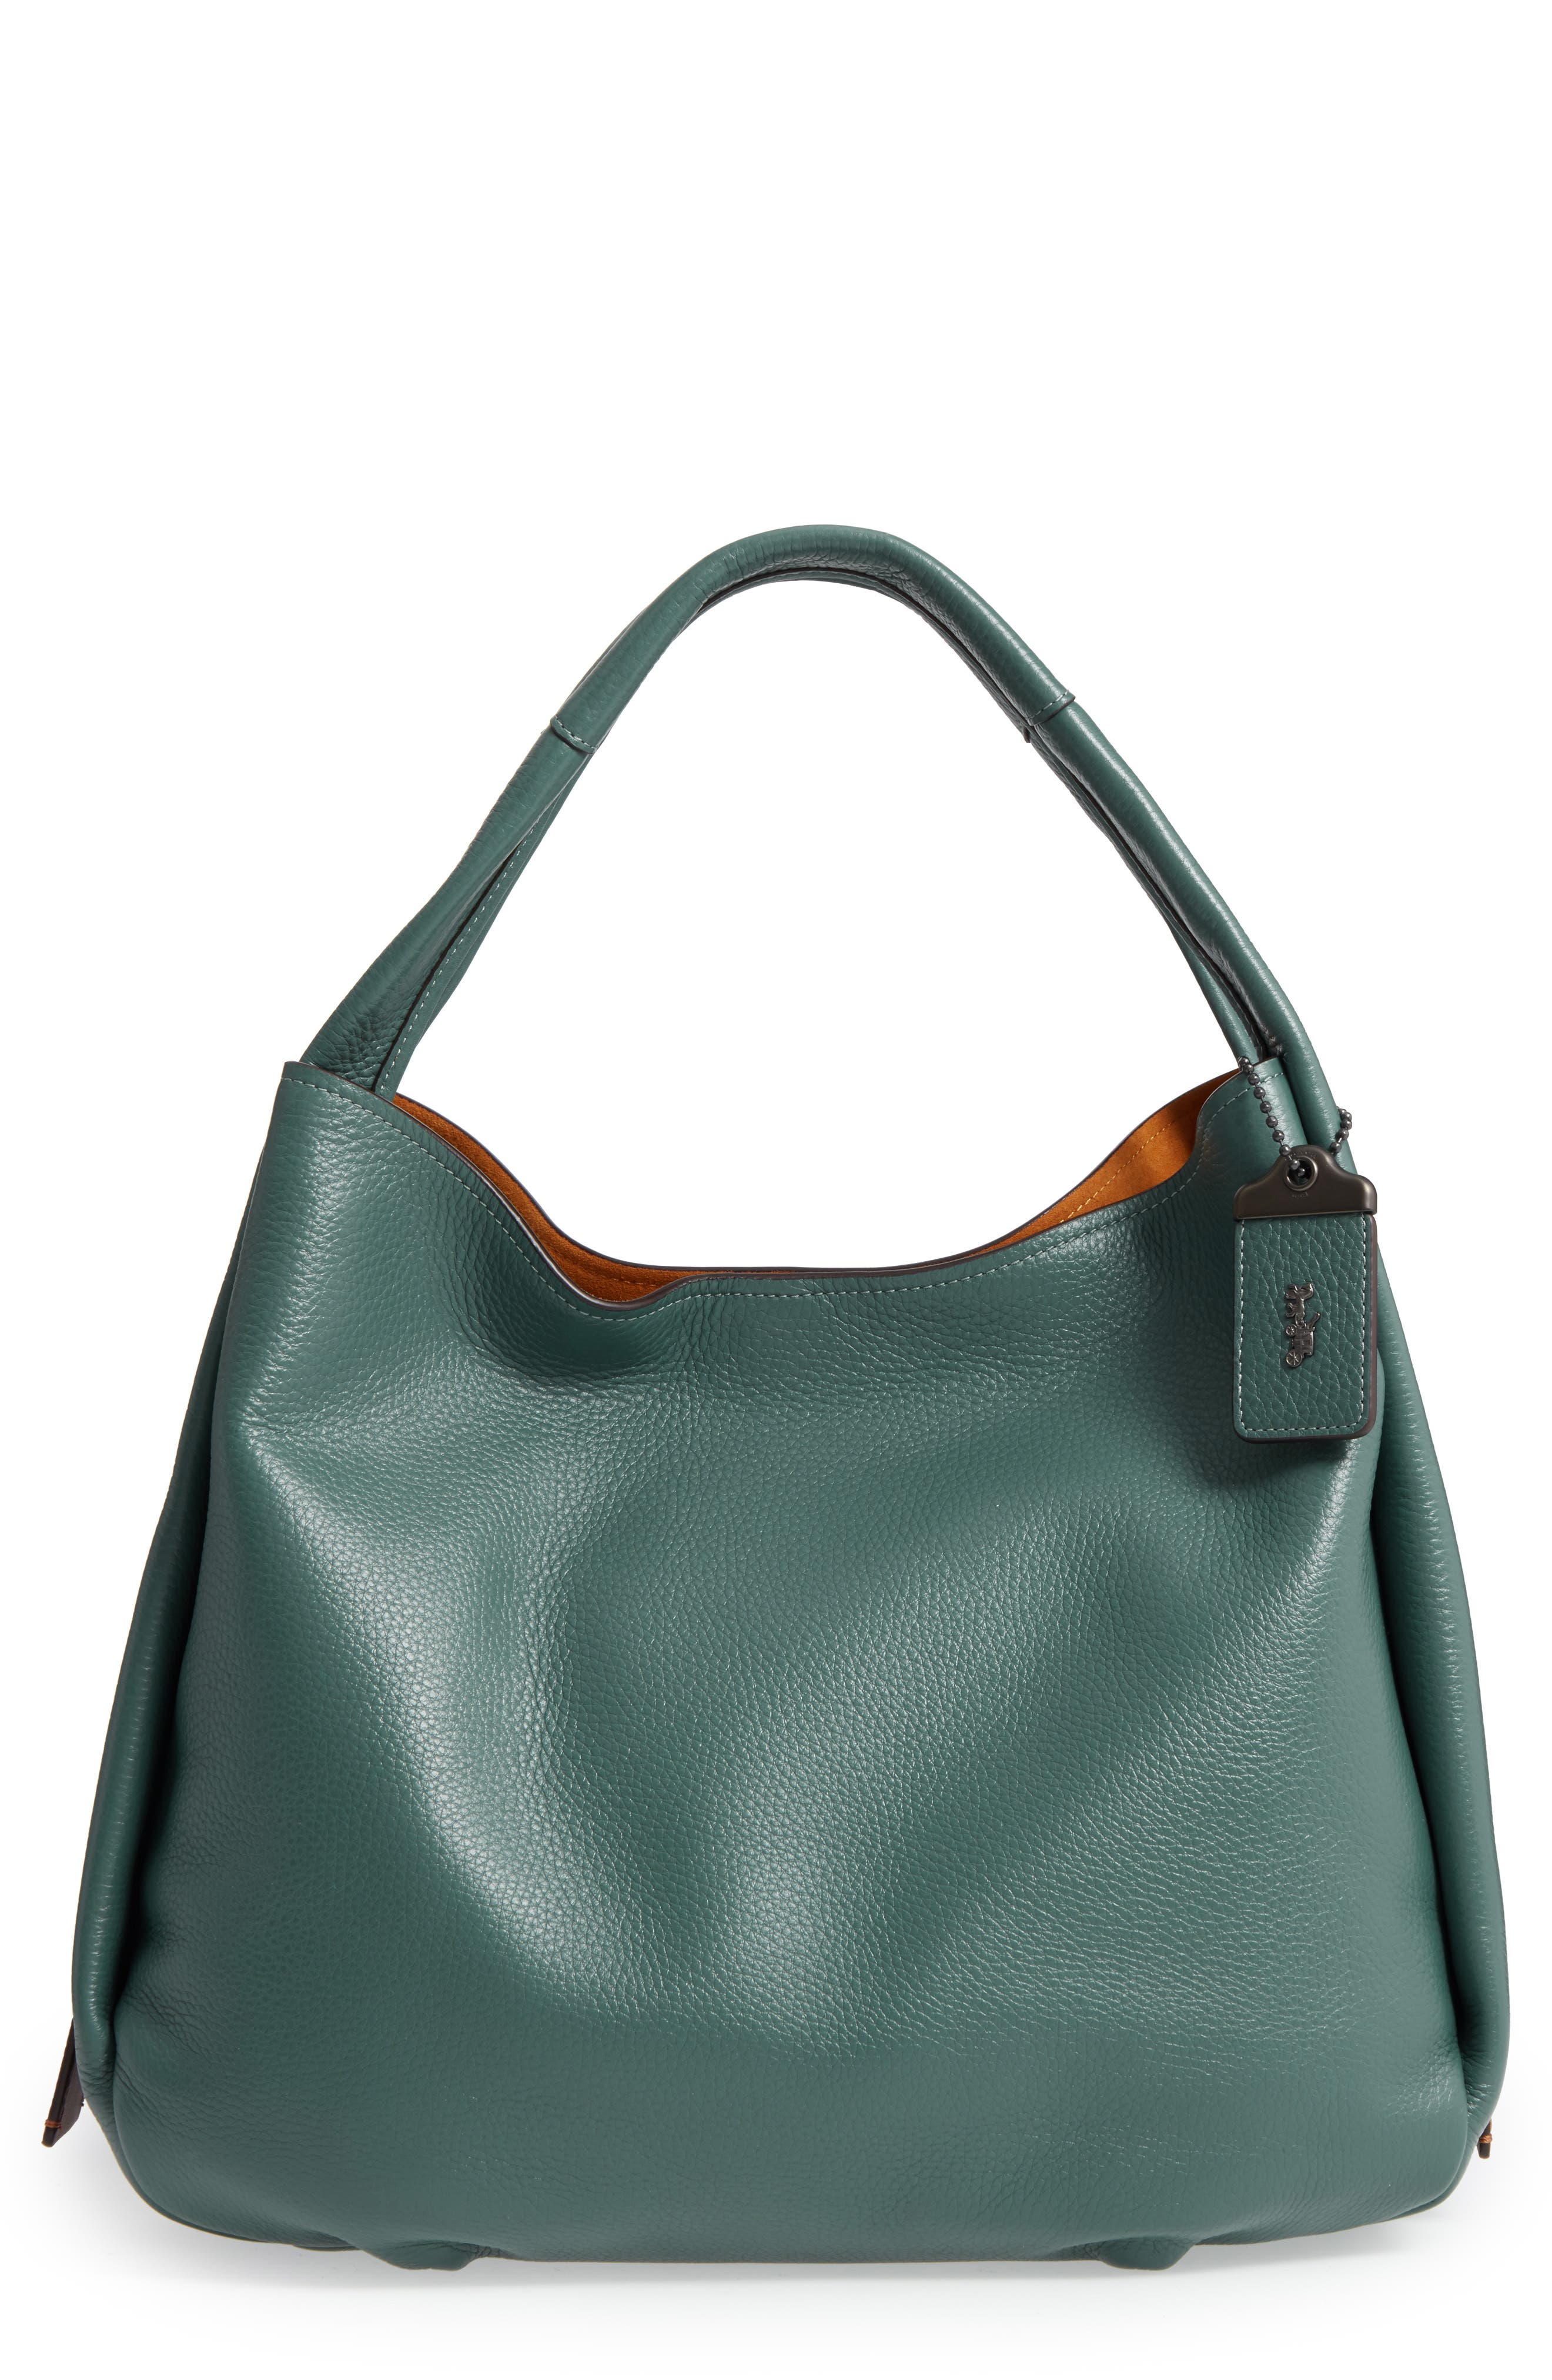 Bandit Leather Hobo & Removable Shoulder Bag,                             Main thumbnail 1, color,                             313